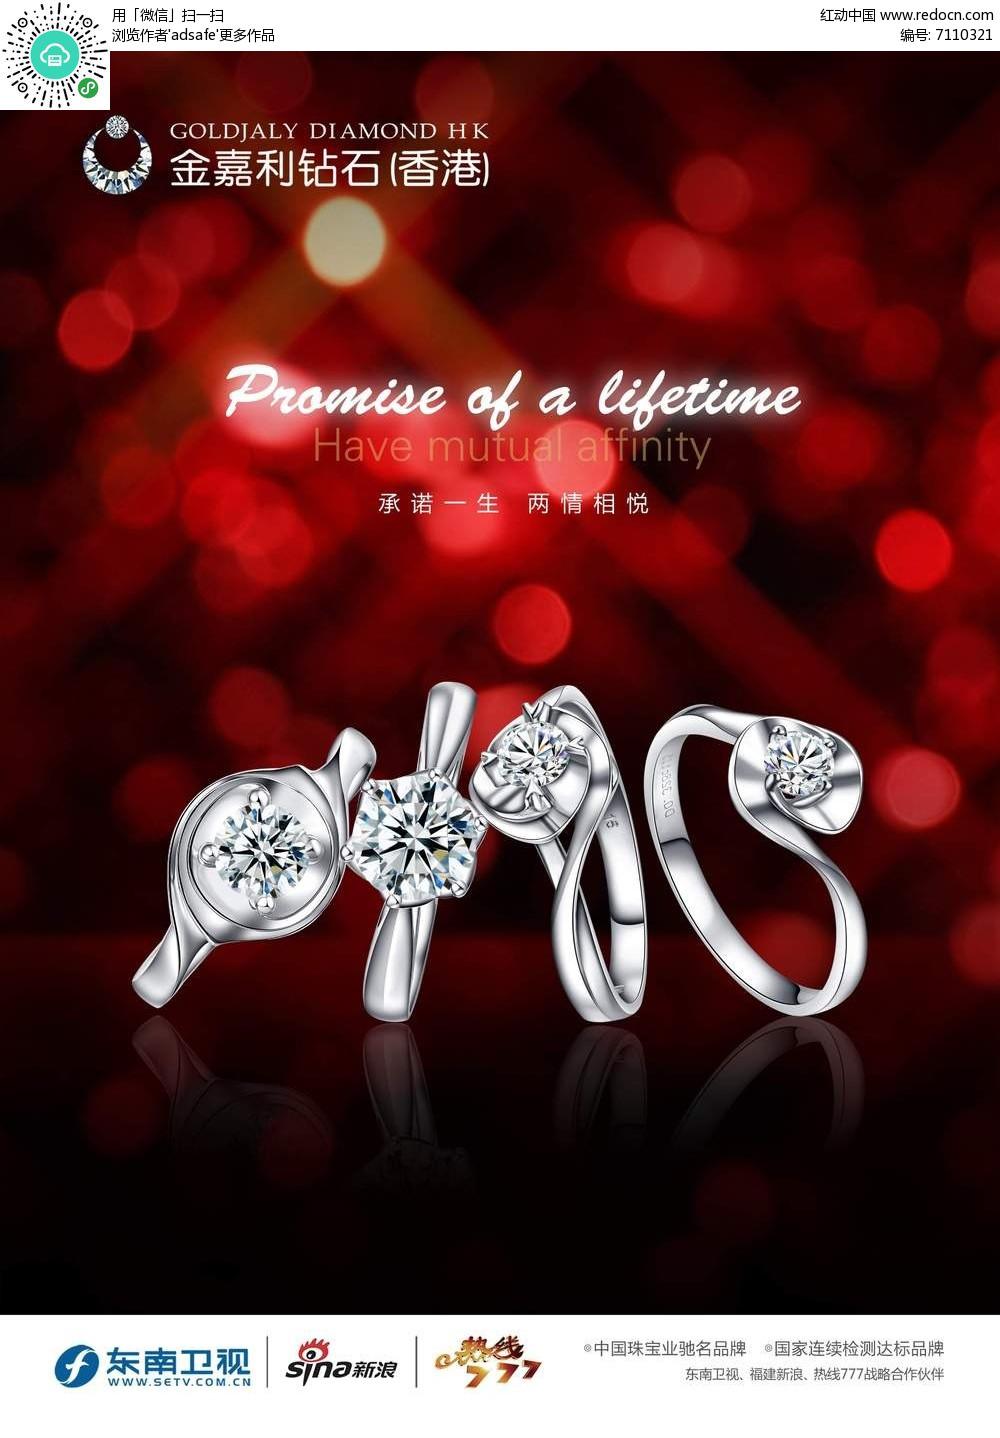 金嘉利钻石宣传海报设计图片